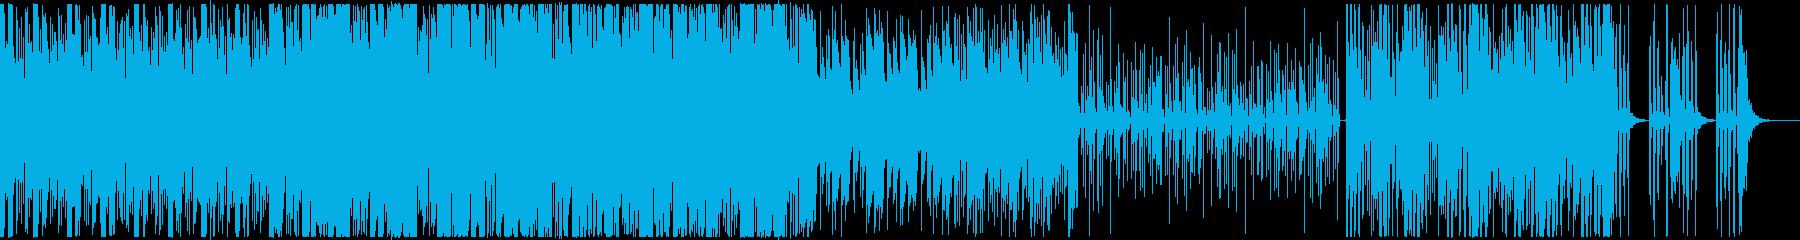 ディープなビートとクールなシンセサウンドの再生済みの波形